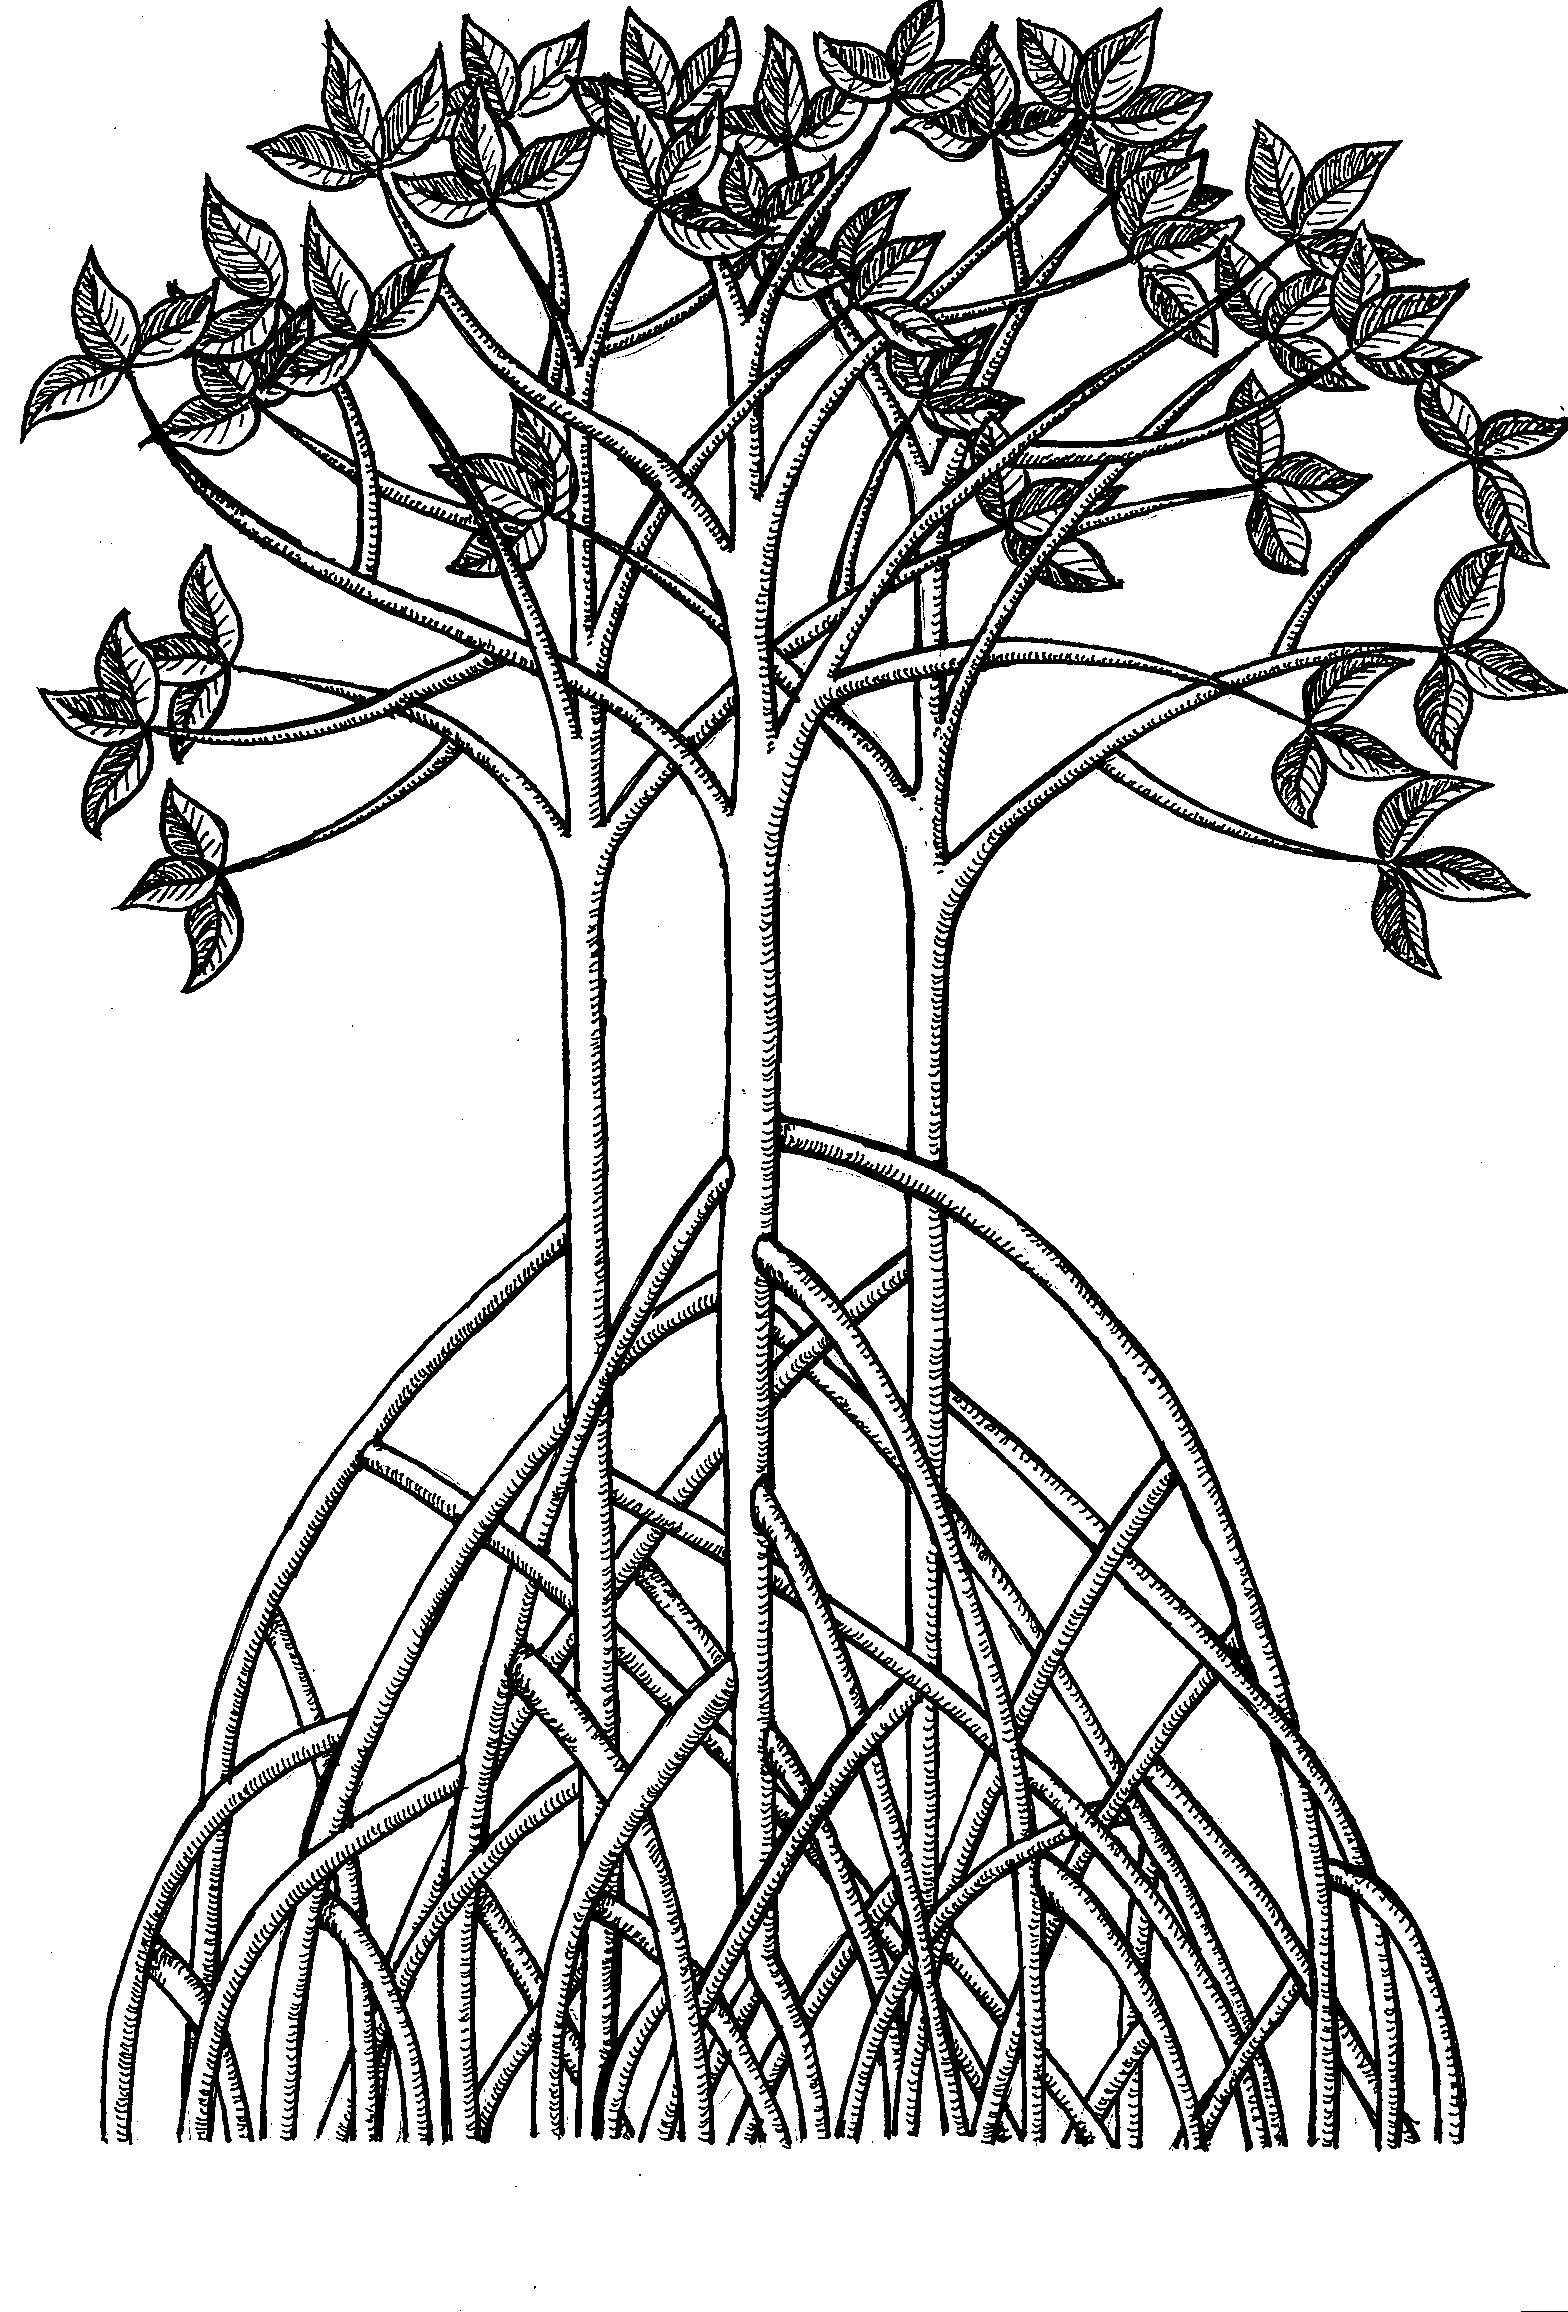 Mangrove Trees Tangled